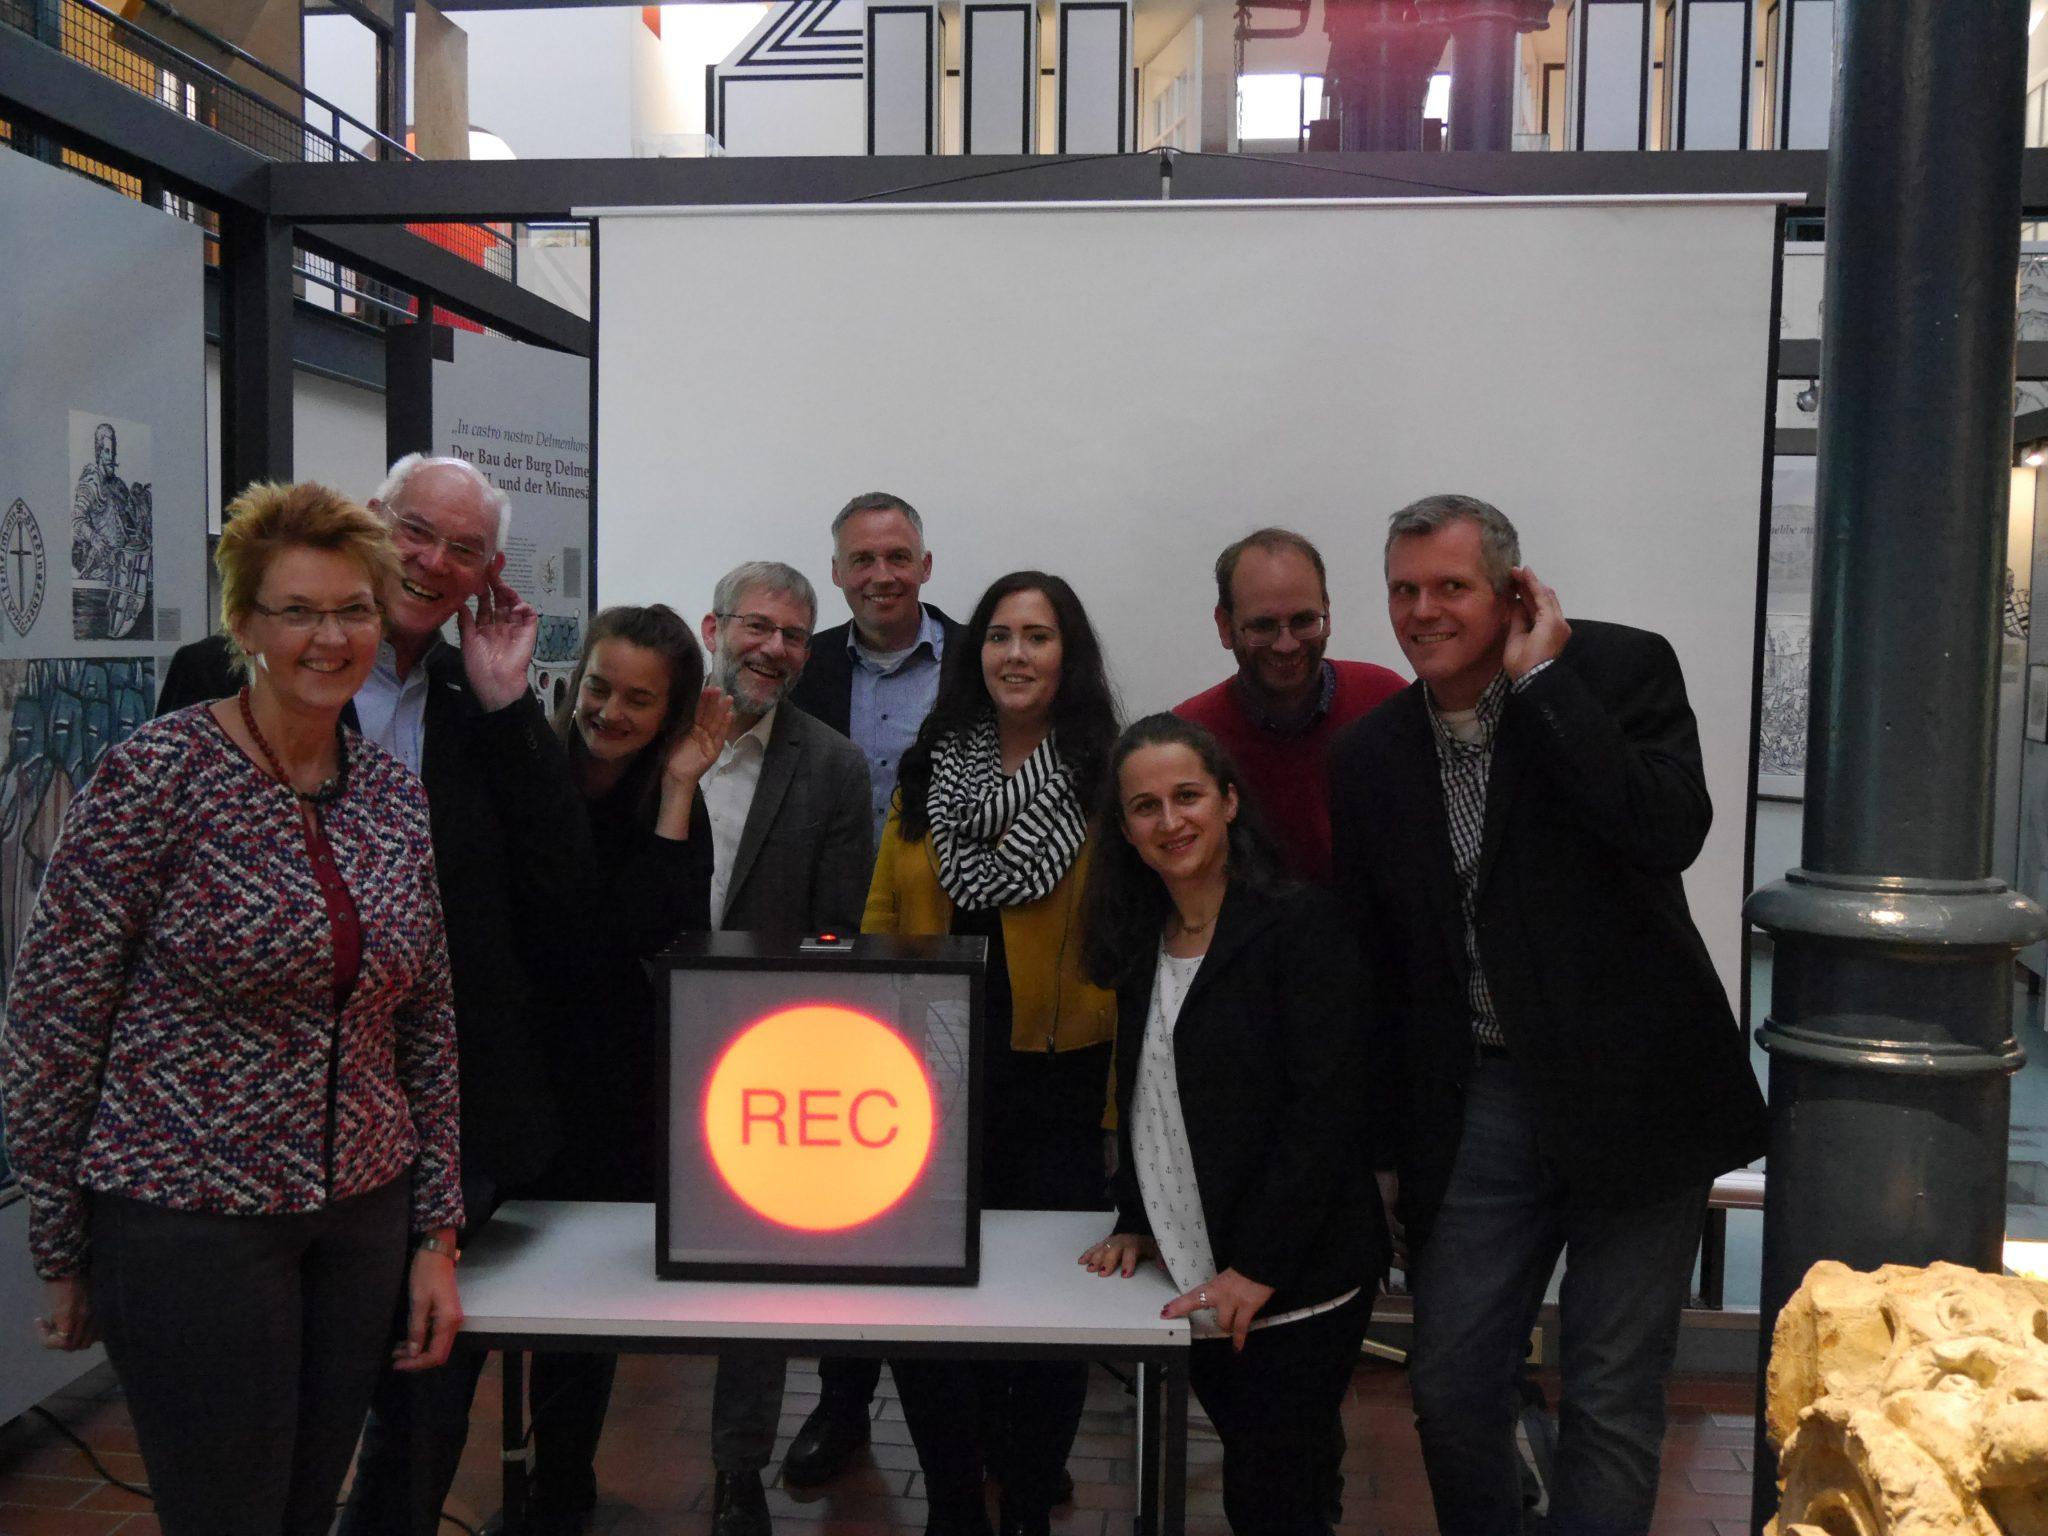 Pressekonferenz im Stadtmuseum auf der Nordwolle zum Projektstart von Mitschnitt Delmenhorst